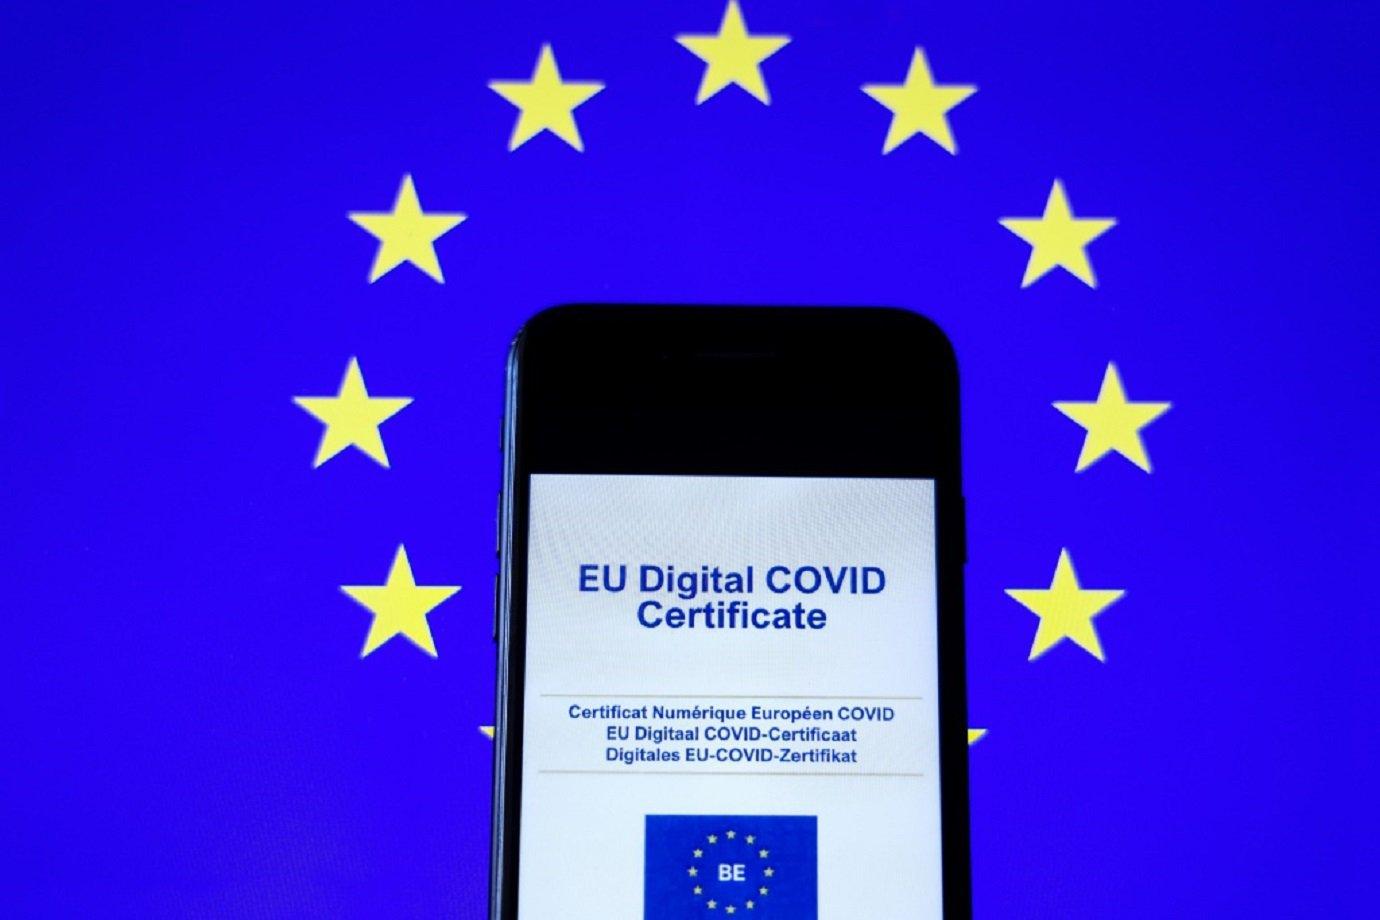 Certificado Digital Da Covid 19 Entra Em Vigor Na Uniao Europeia Exame